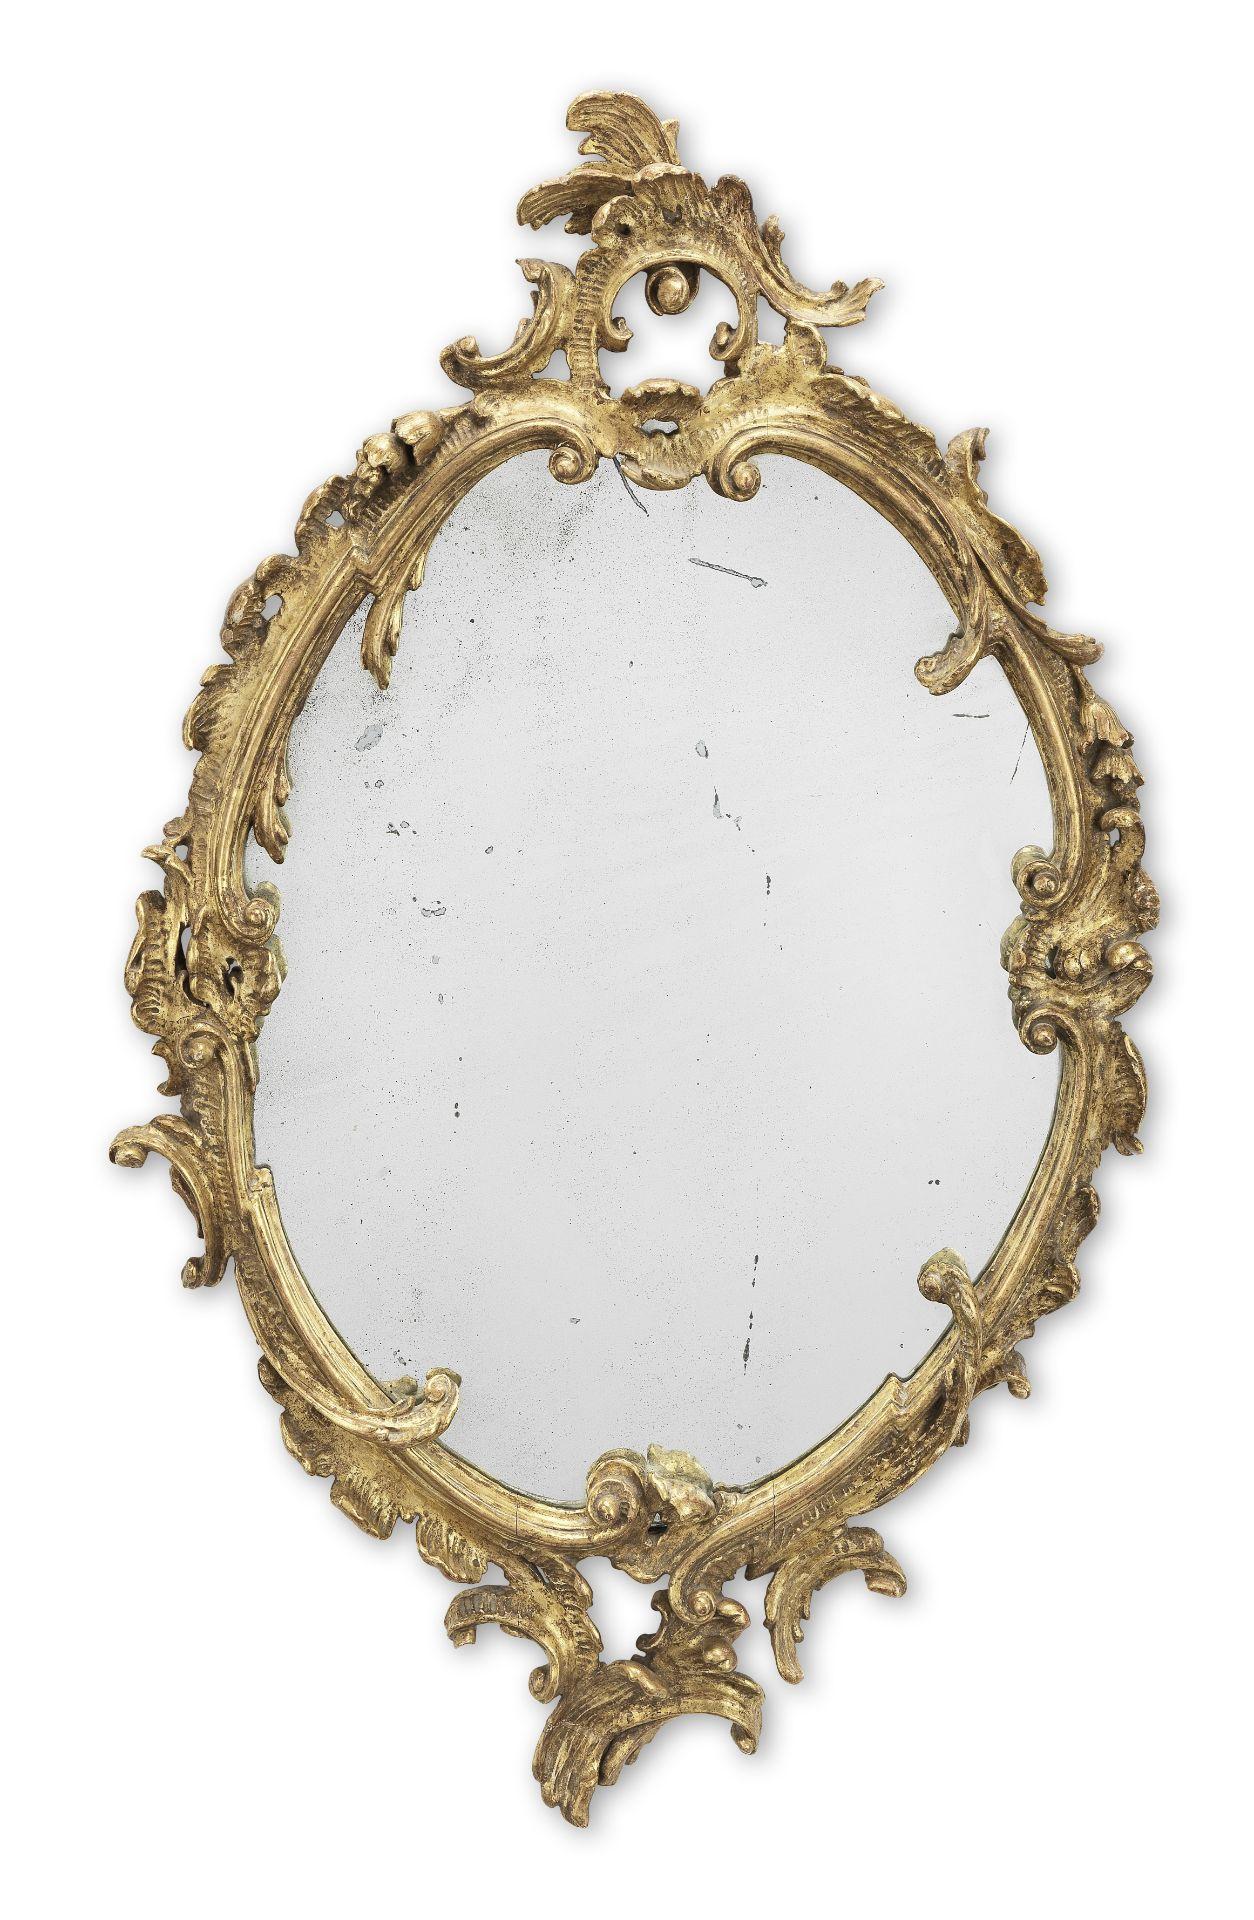 Los 116 - A 19th century Rococo revival giltwood mirror